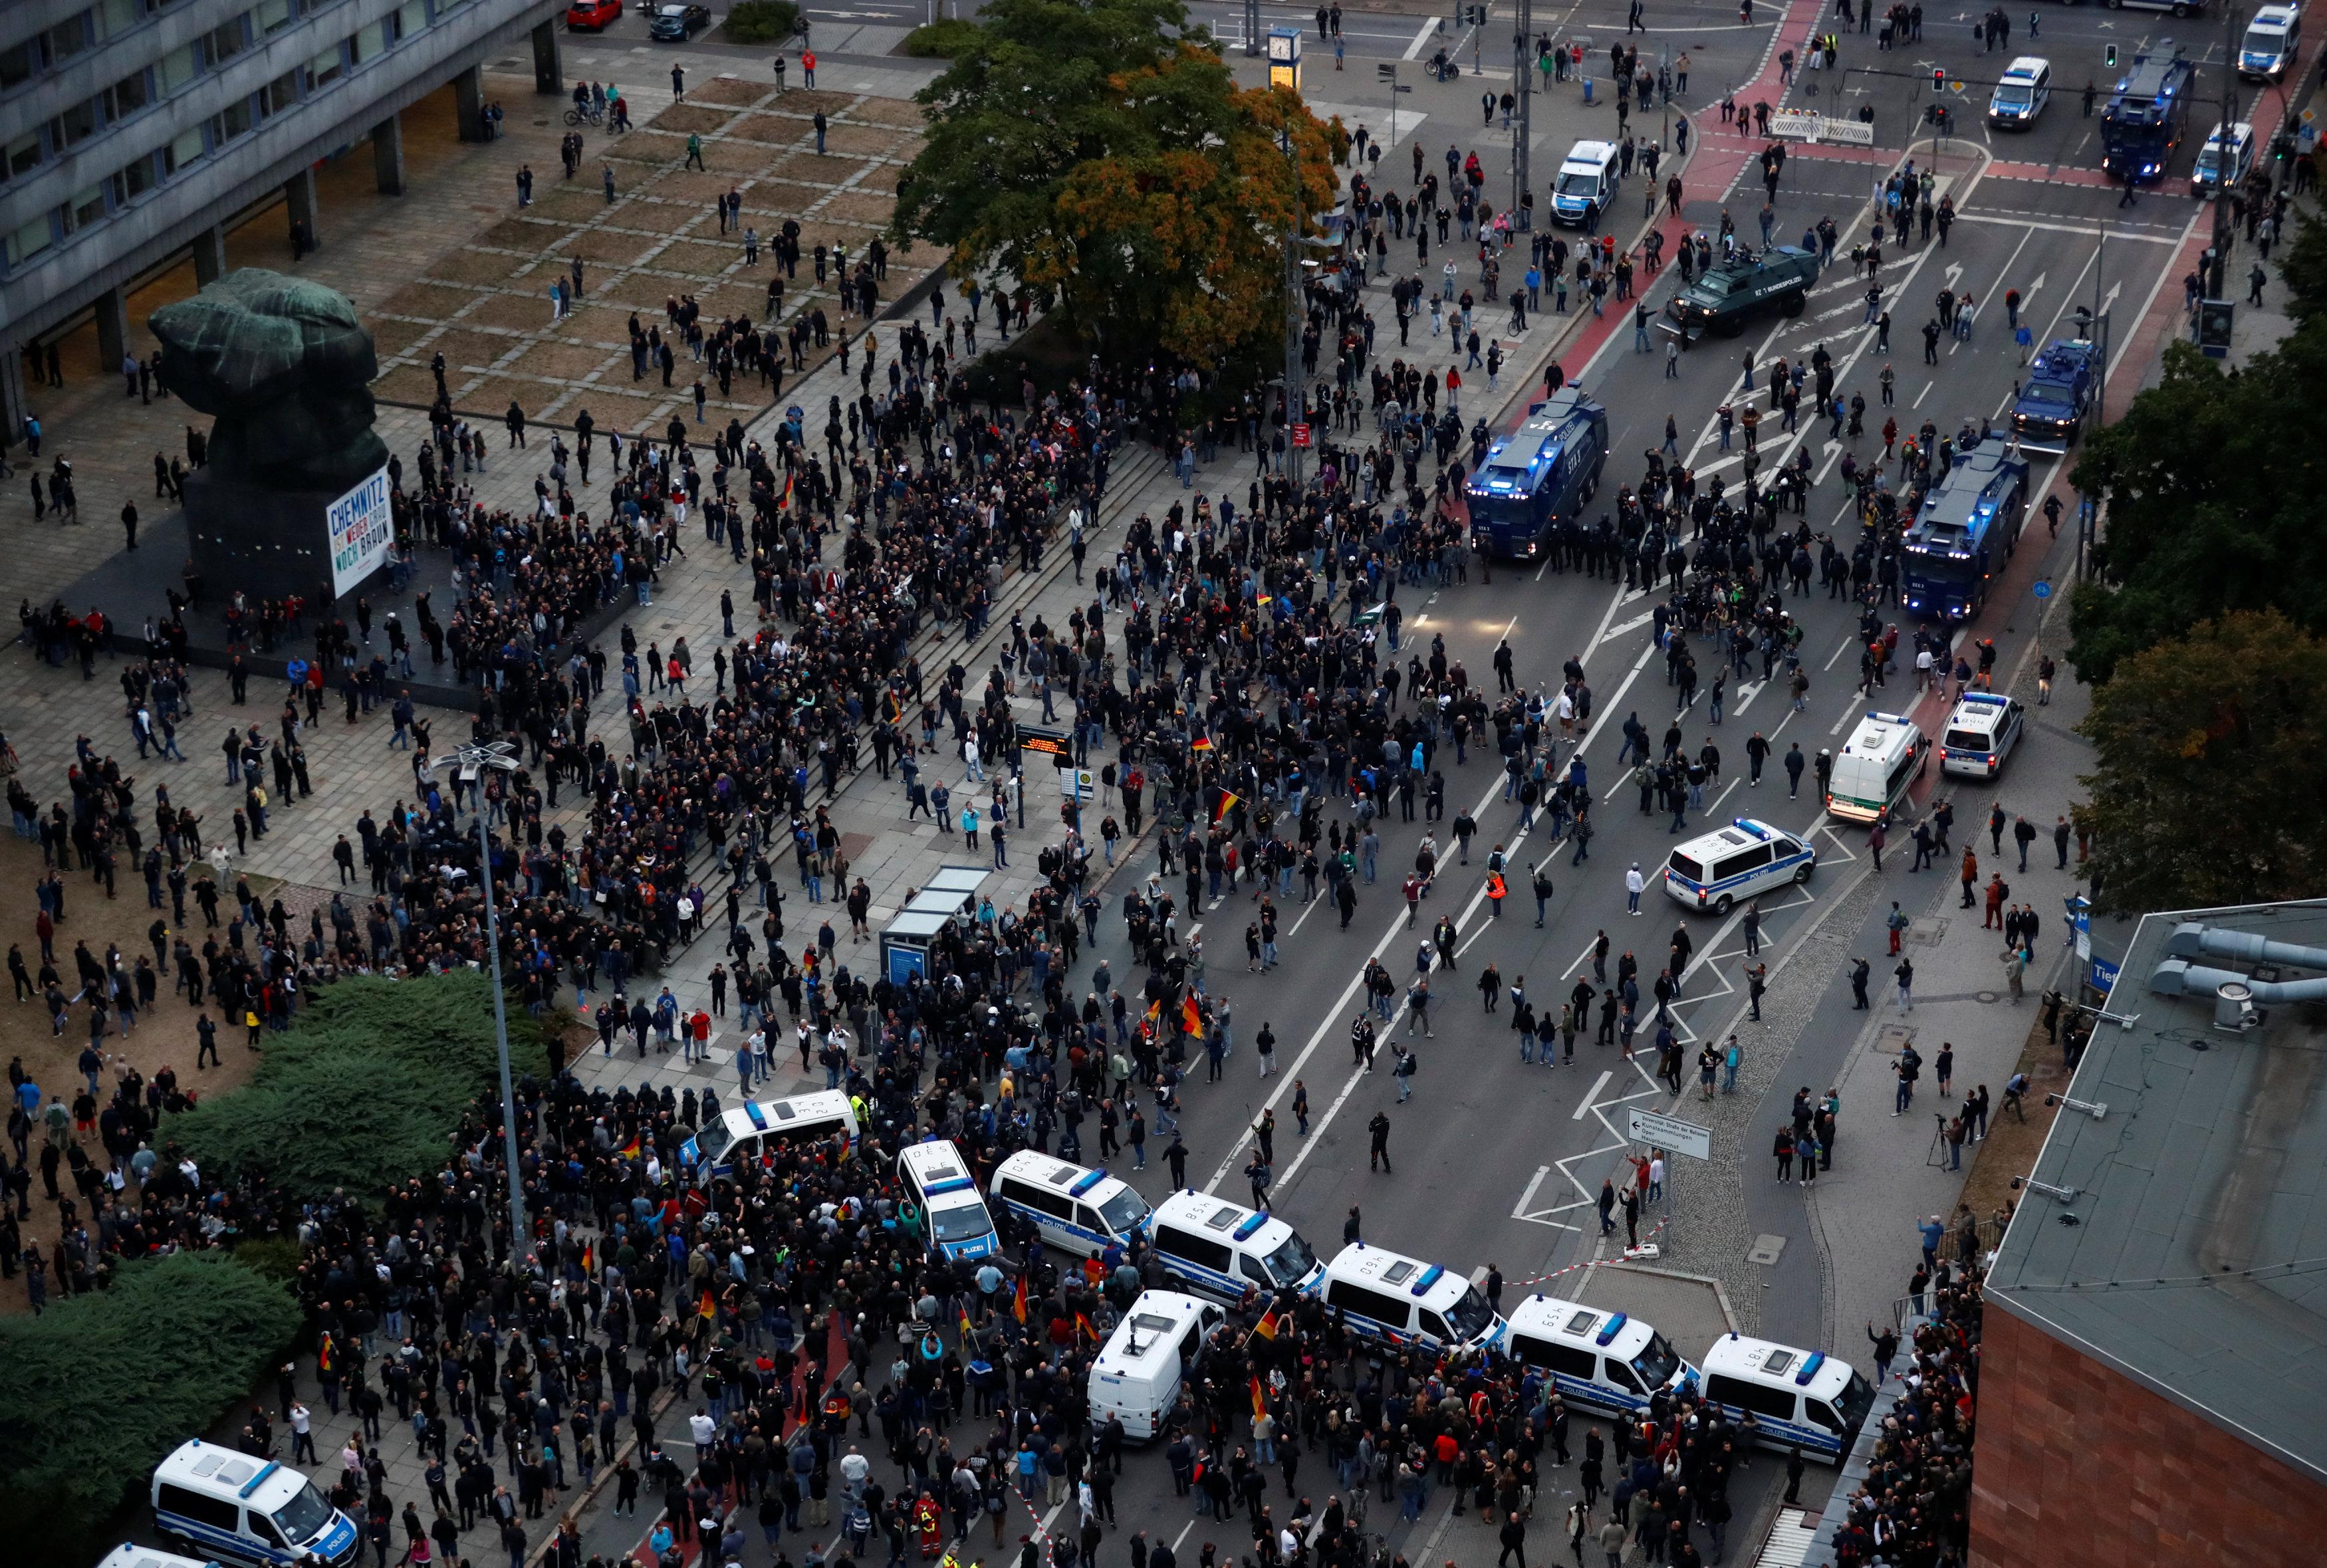 تعامل الشرطة الألمانية مع المظاهرات